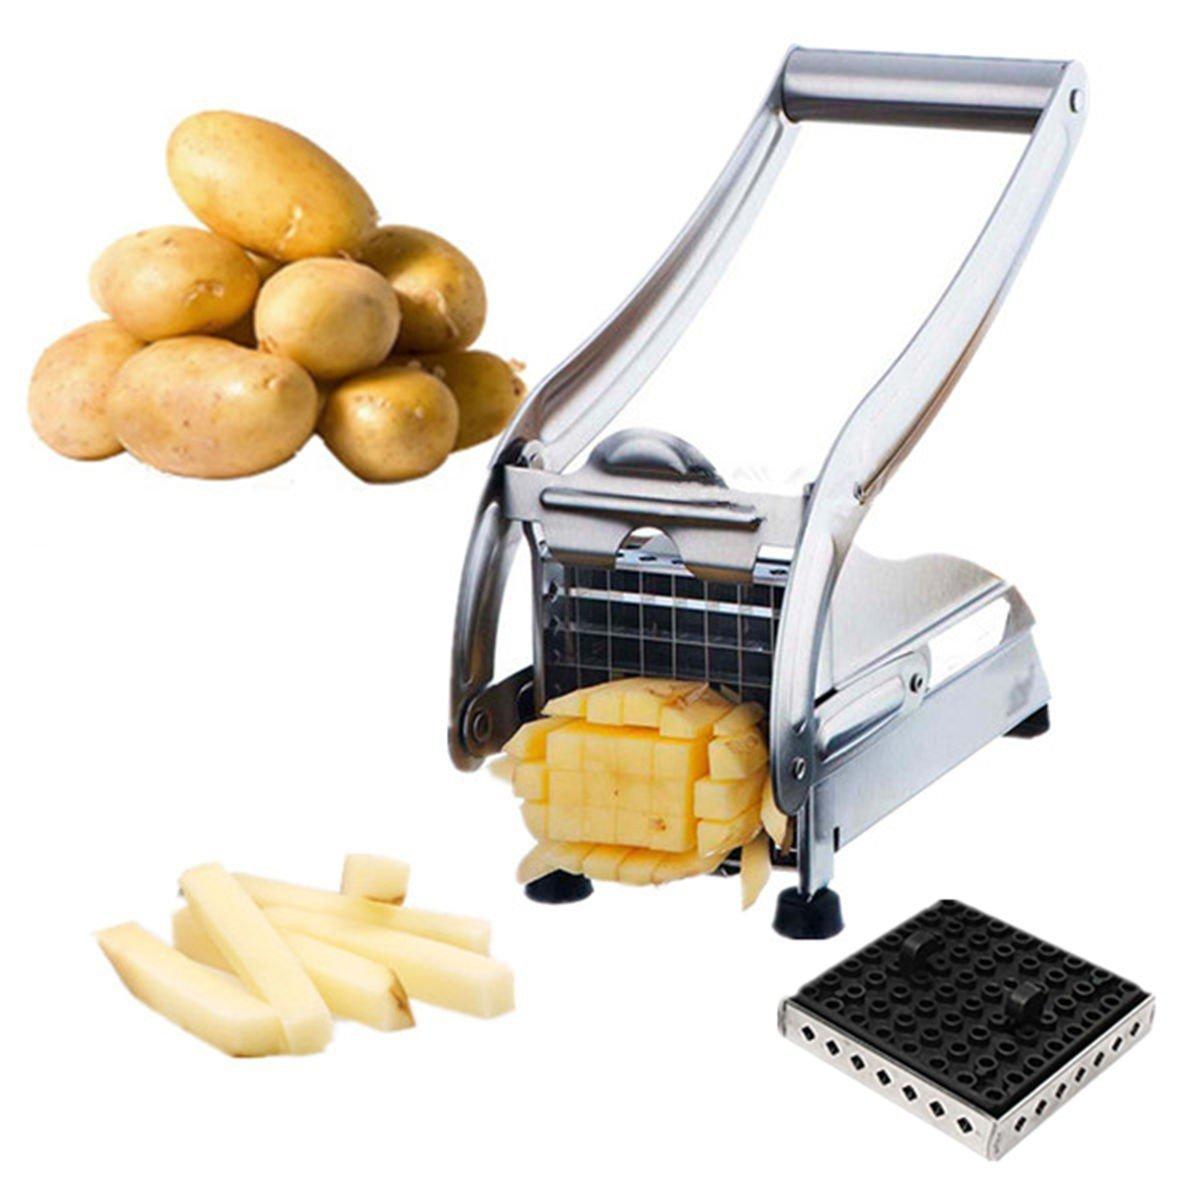 Taglia patate: i migliori modelli sul mercato, prezzi ed offerte